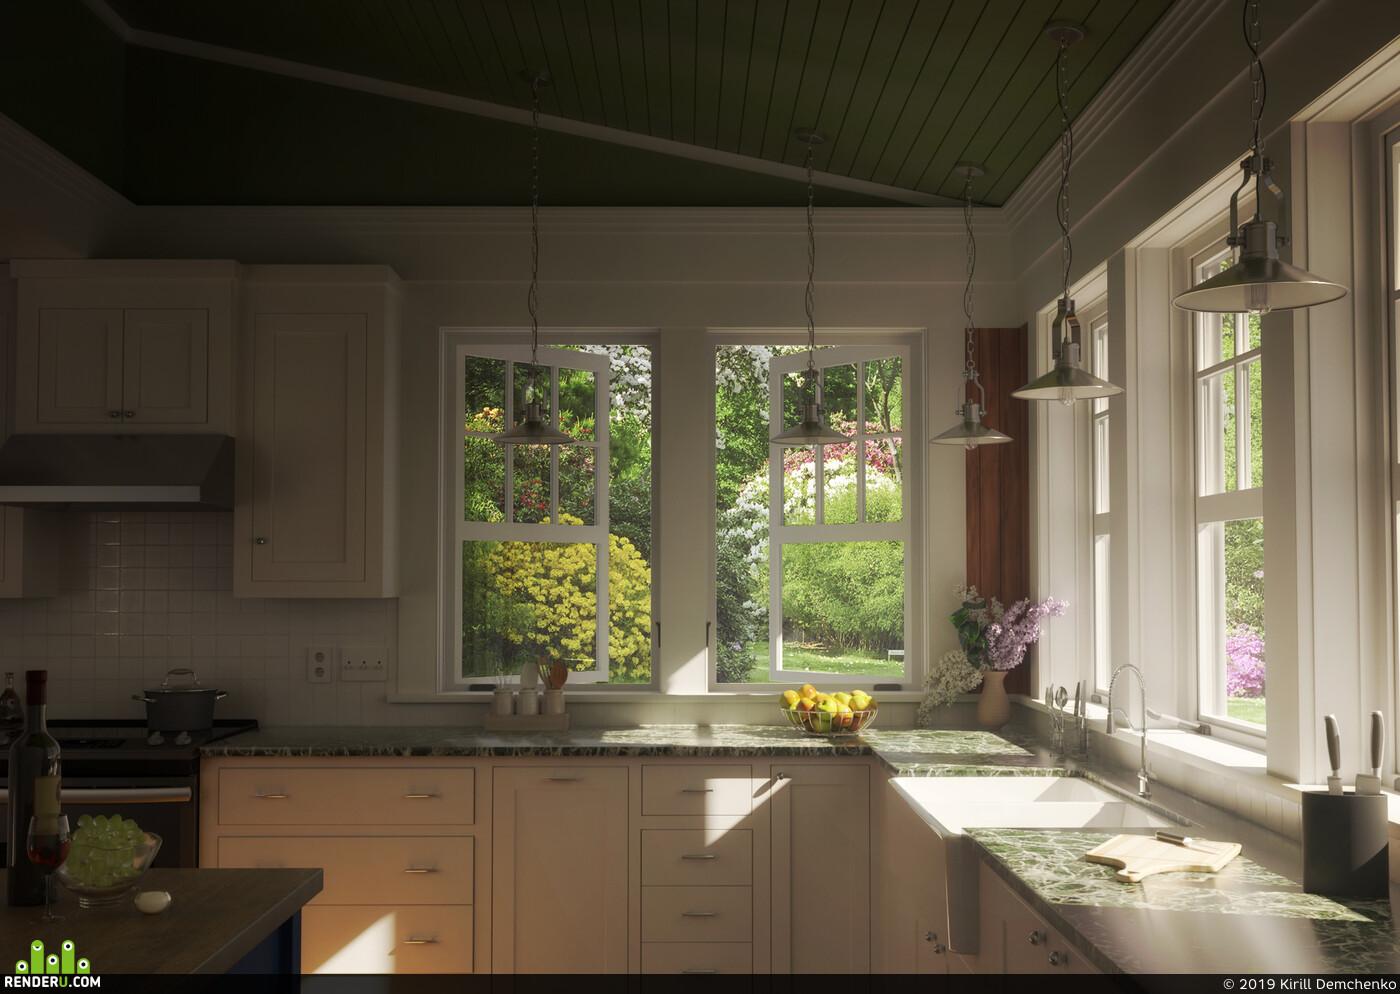 кухня, интерьер, дизайн интерьера